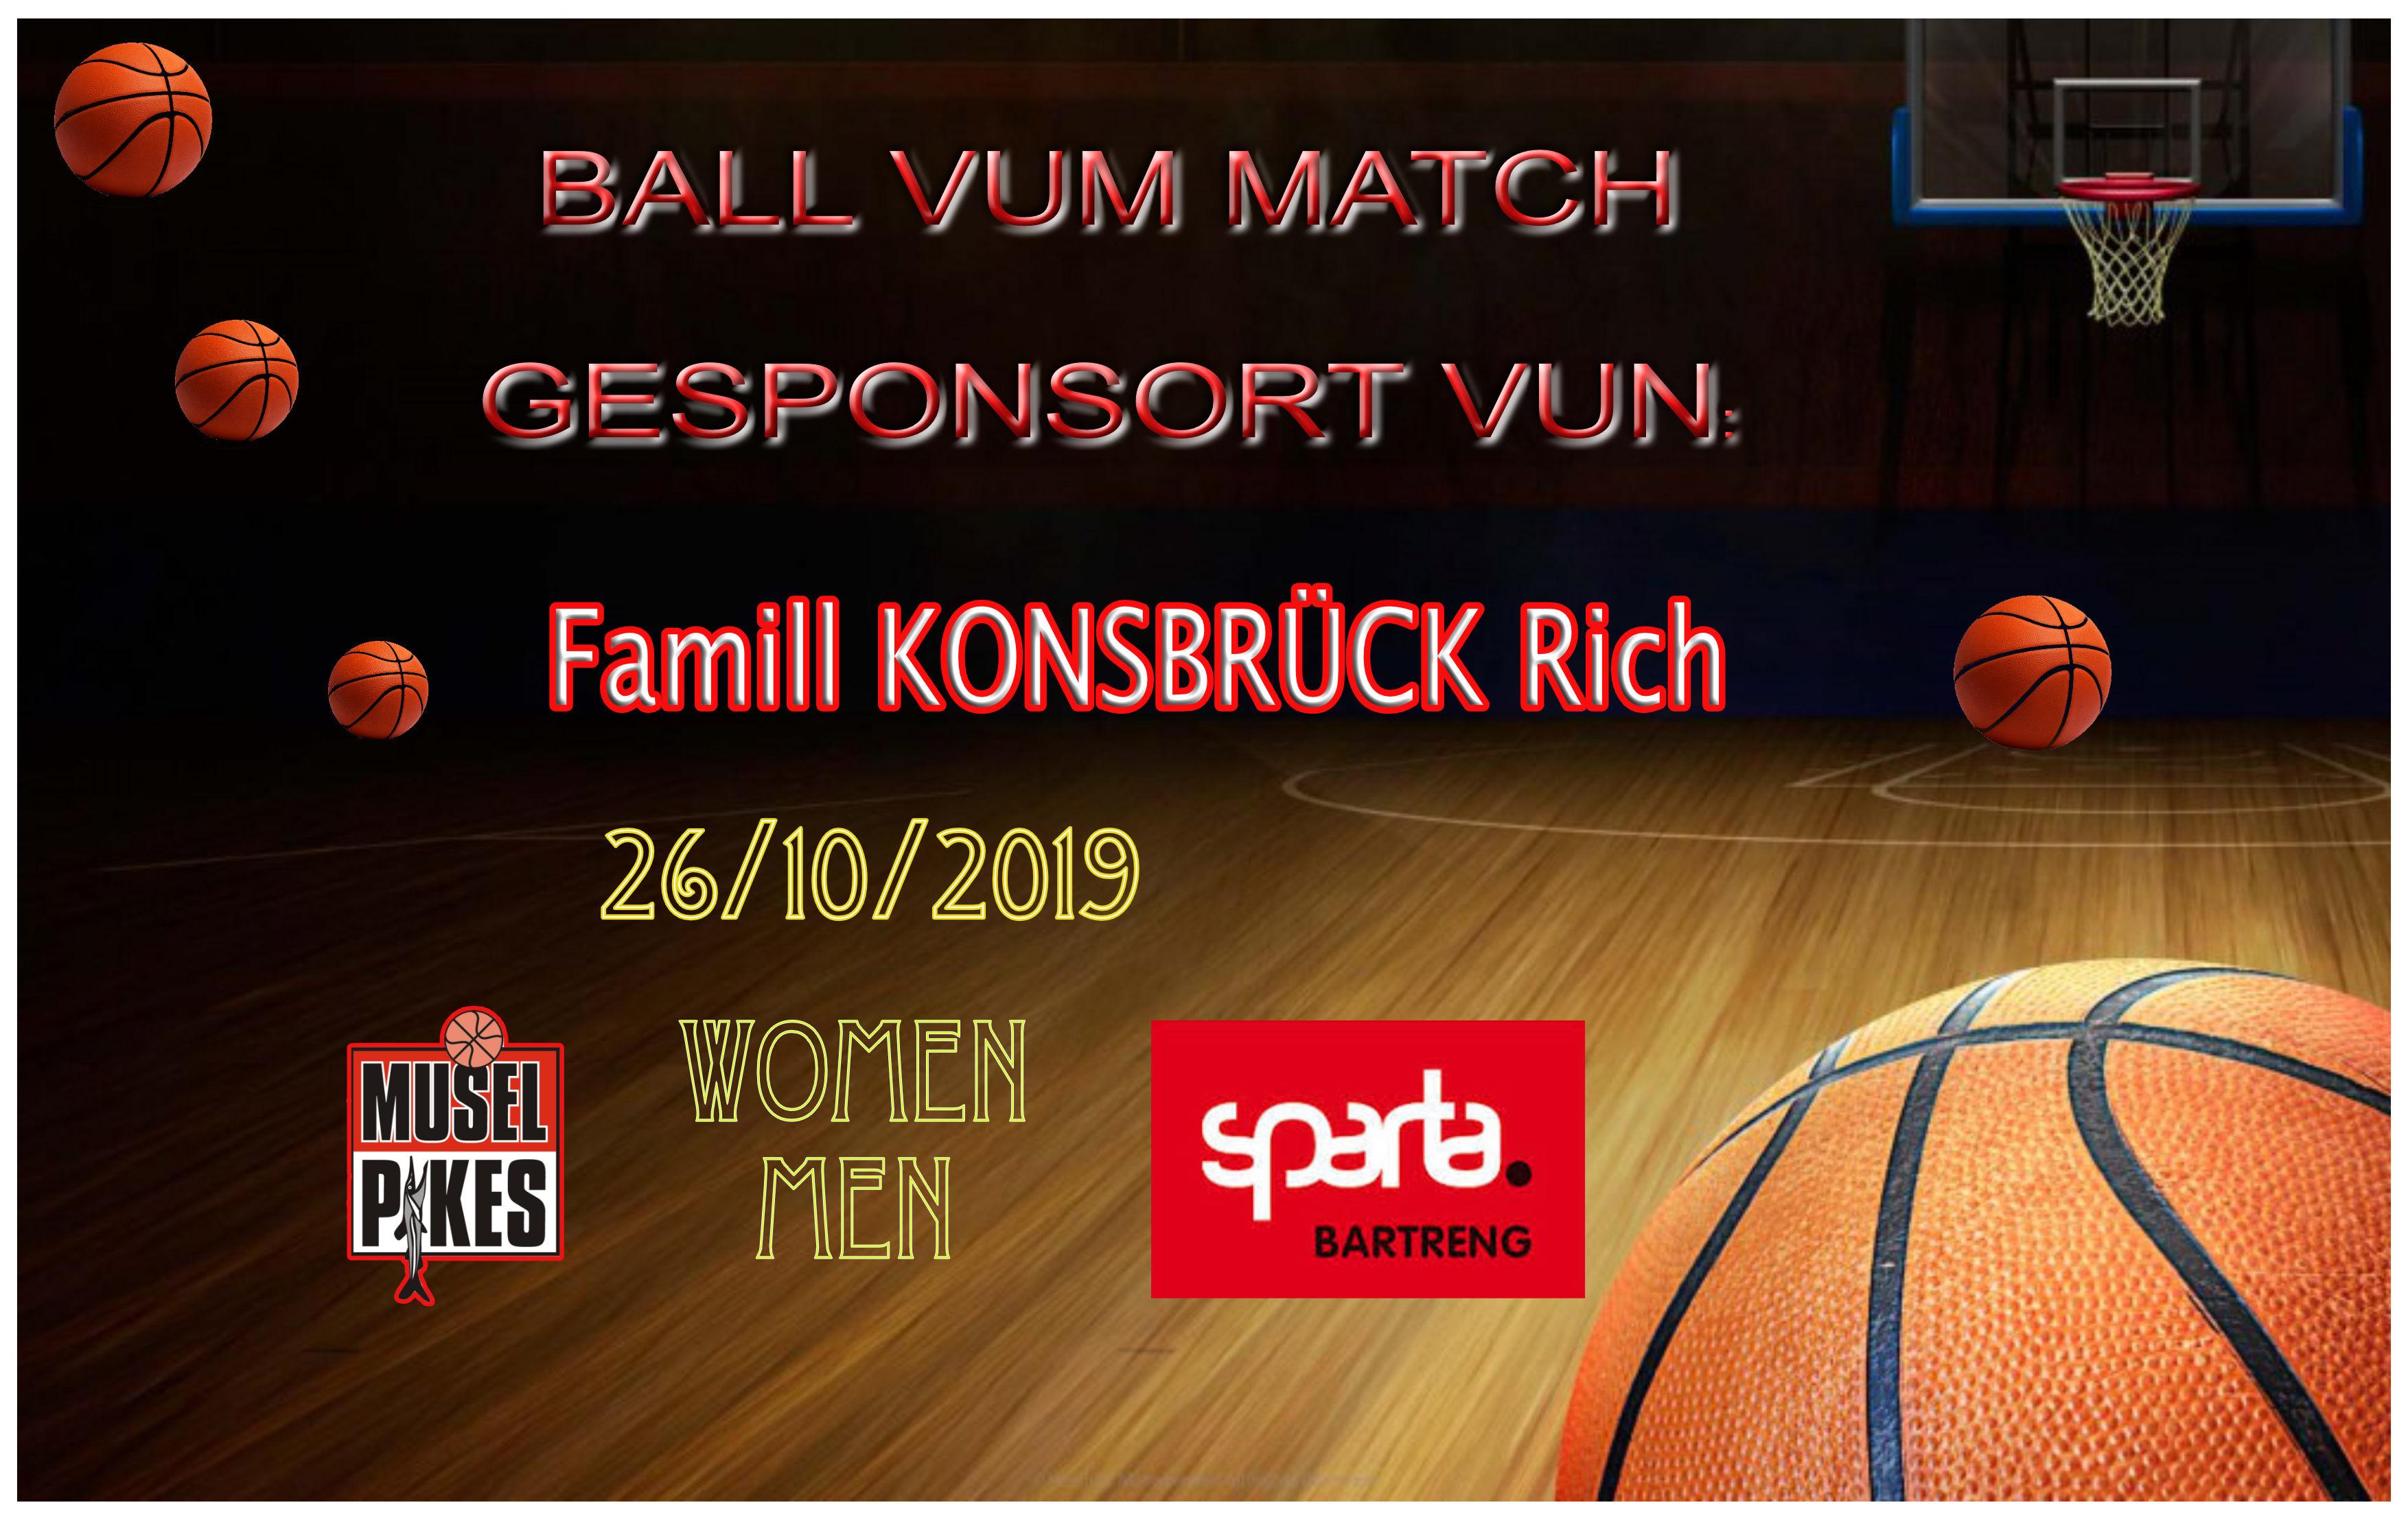 Famill Konsbrück Rich Sponsor: Ball vum Match